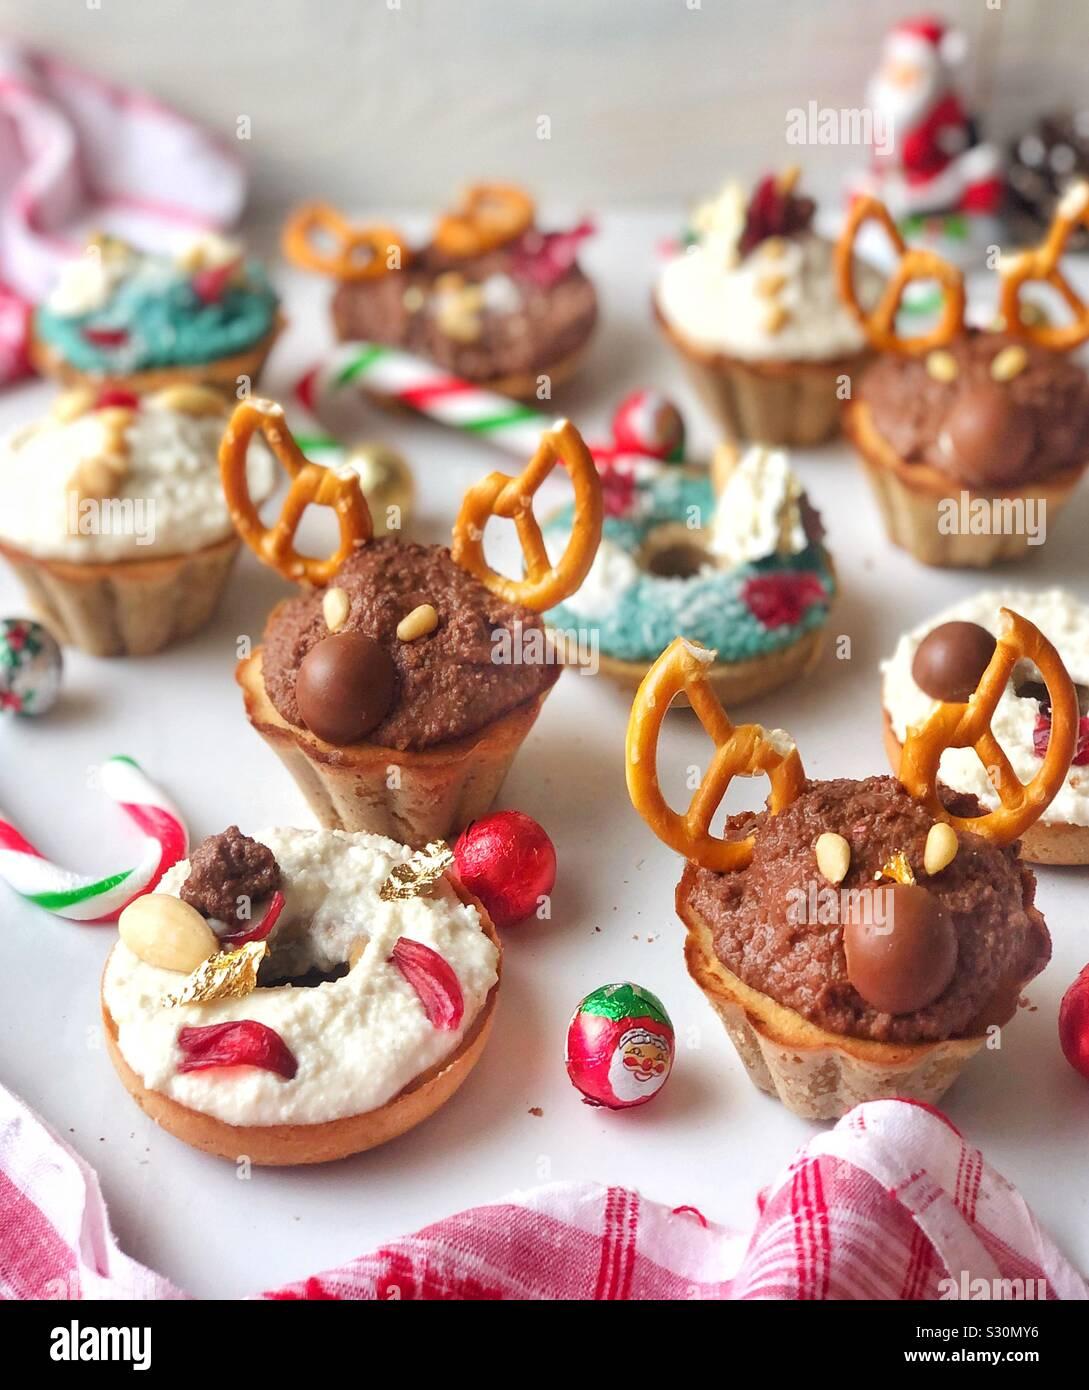 Weihnachten kleine Kuchen backt Rentier Stockfoto